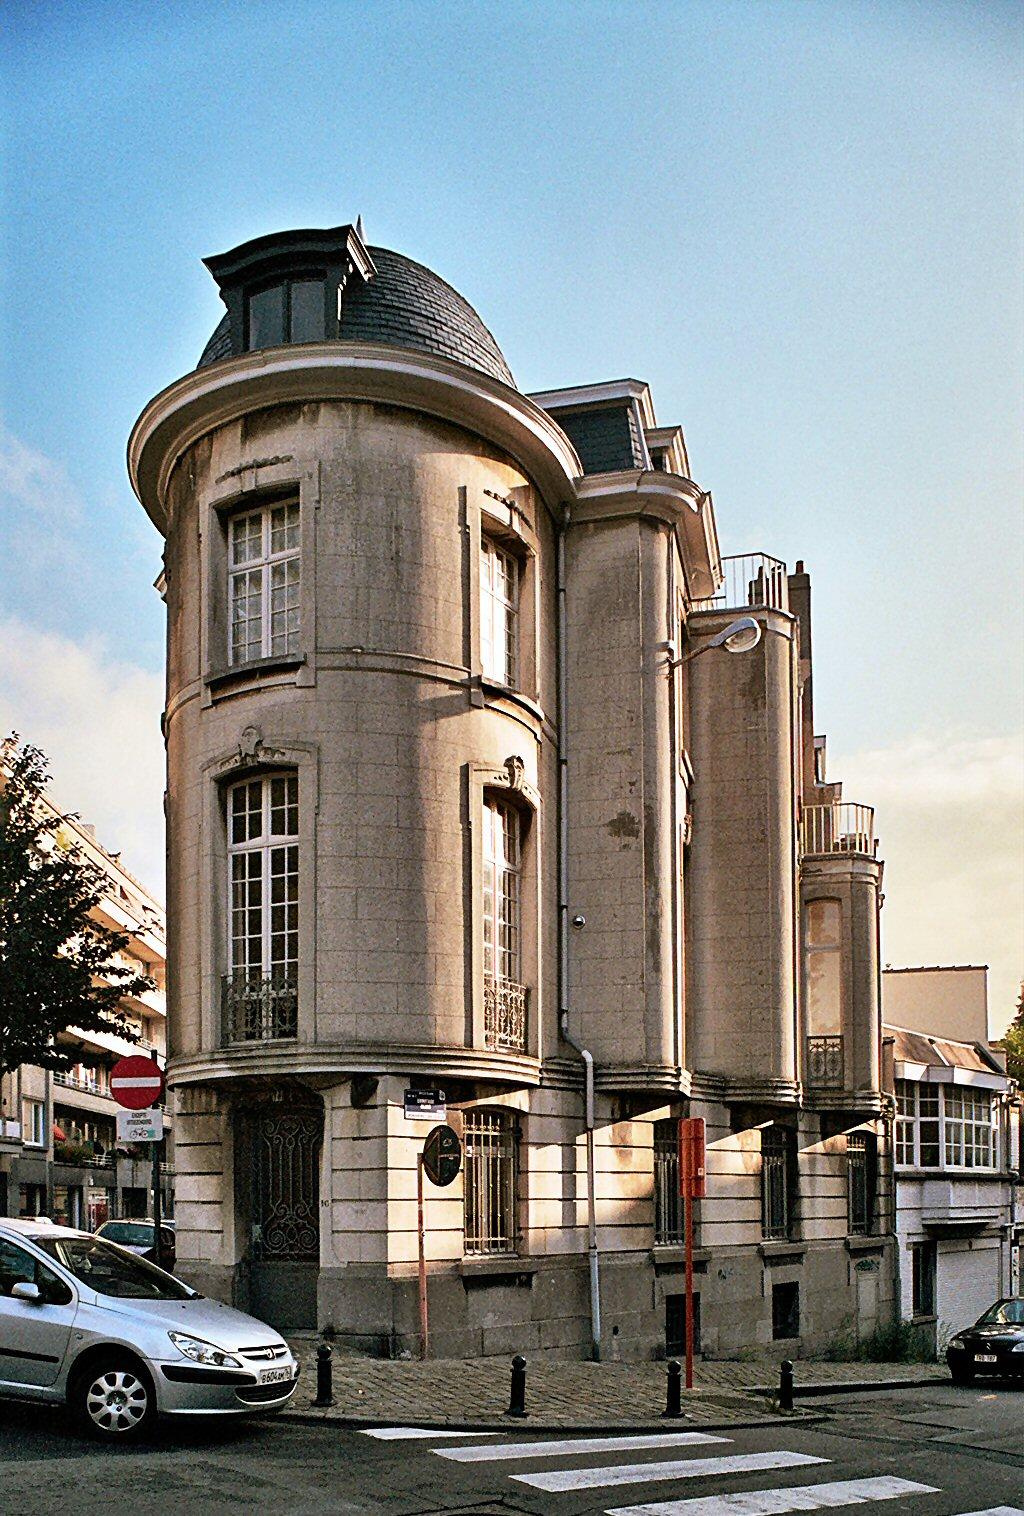 Rue de Hennin 16, vue de l'angle., 2009